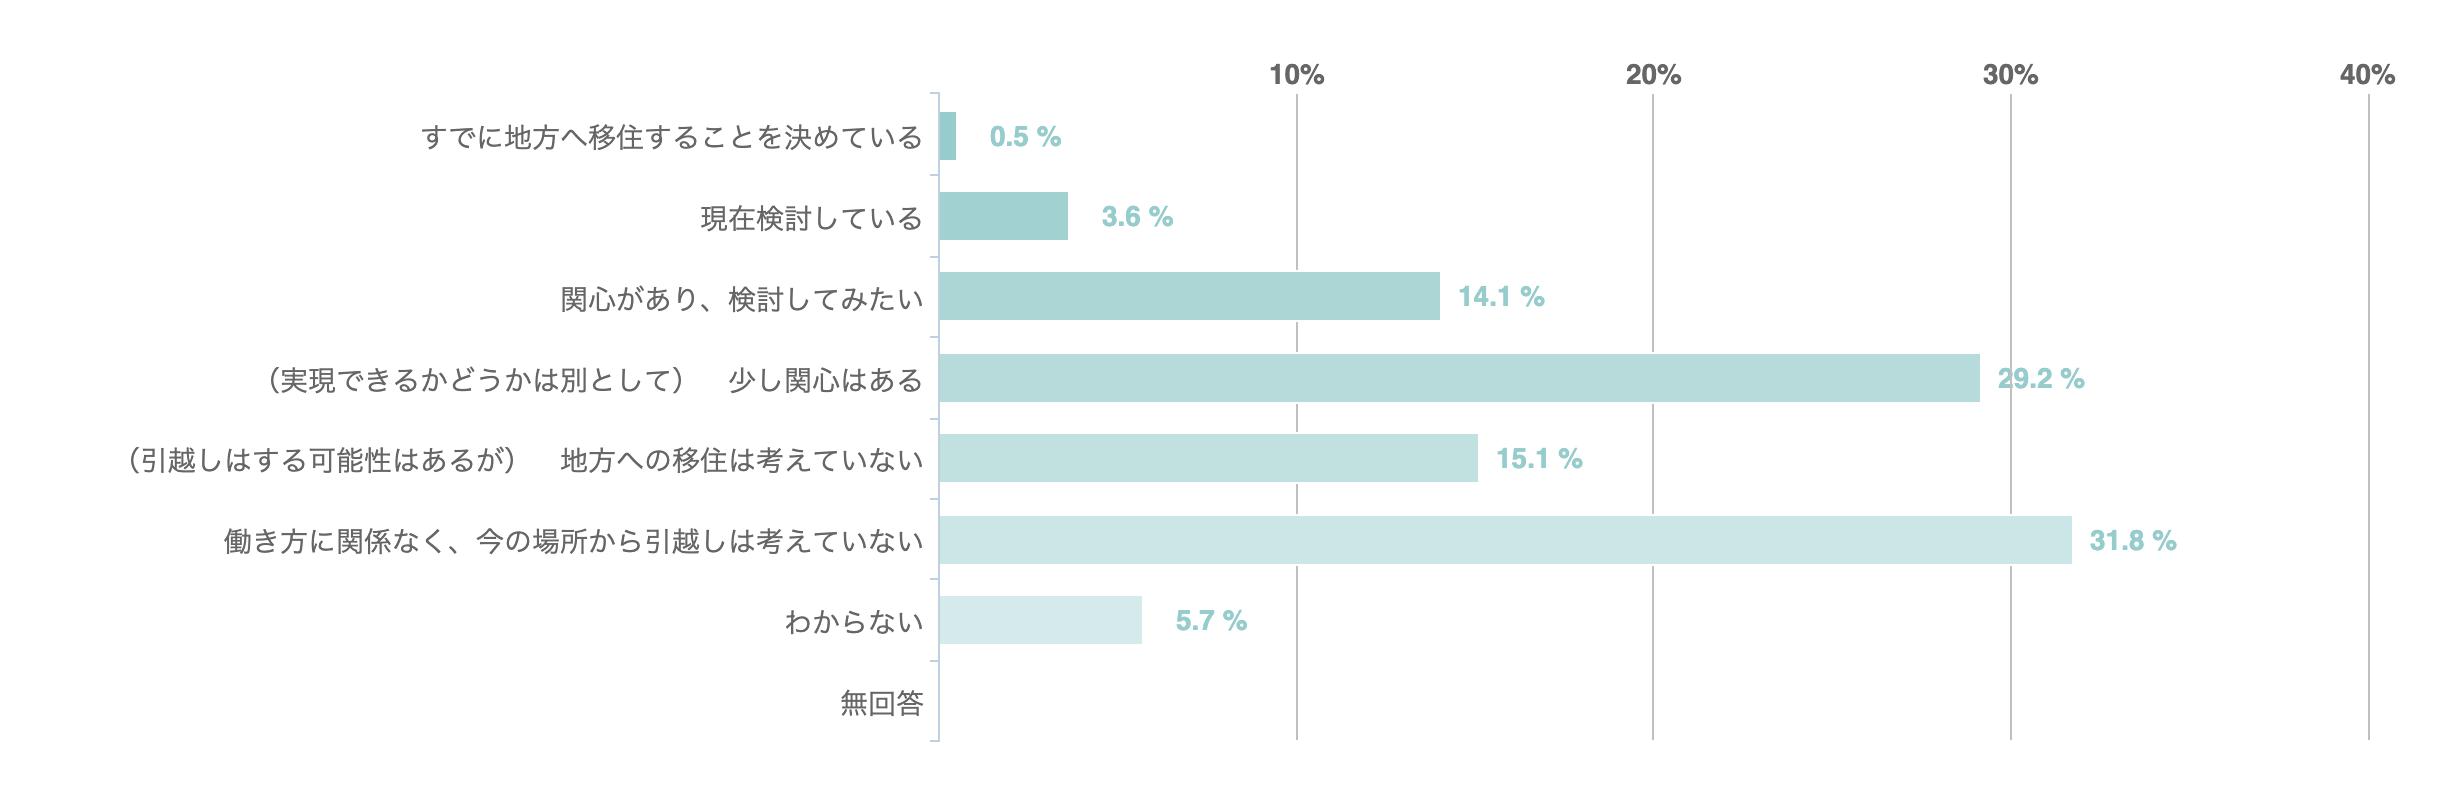 では、今後、テレワークが定着し、週1回の出勤でよいとなった場合、 地方に住みながら、新幹線などを使って都市部(首都圏・名古屋・大阪など)に週1日程度出勤する働き方については、どのように思いますか。